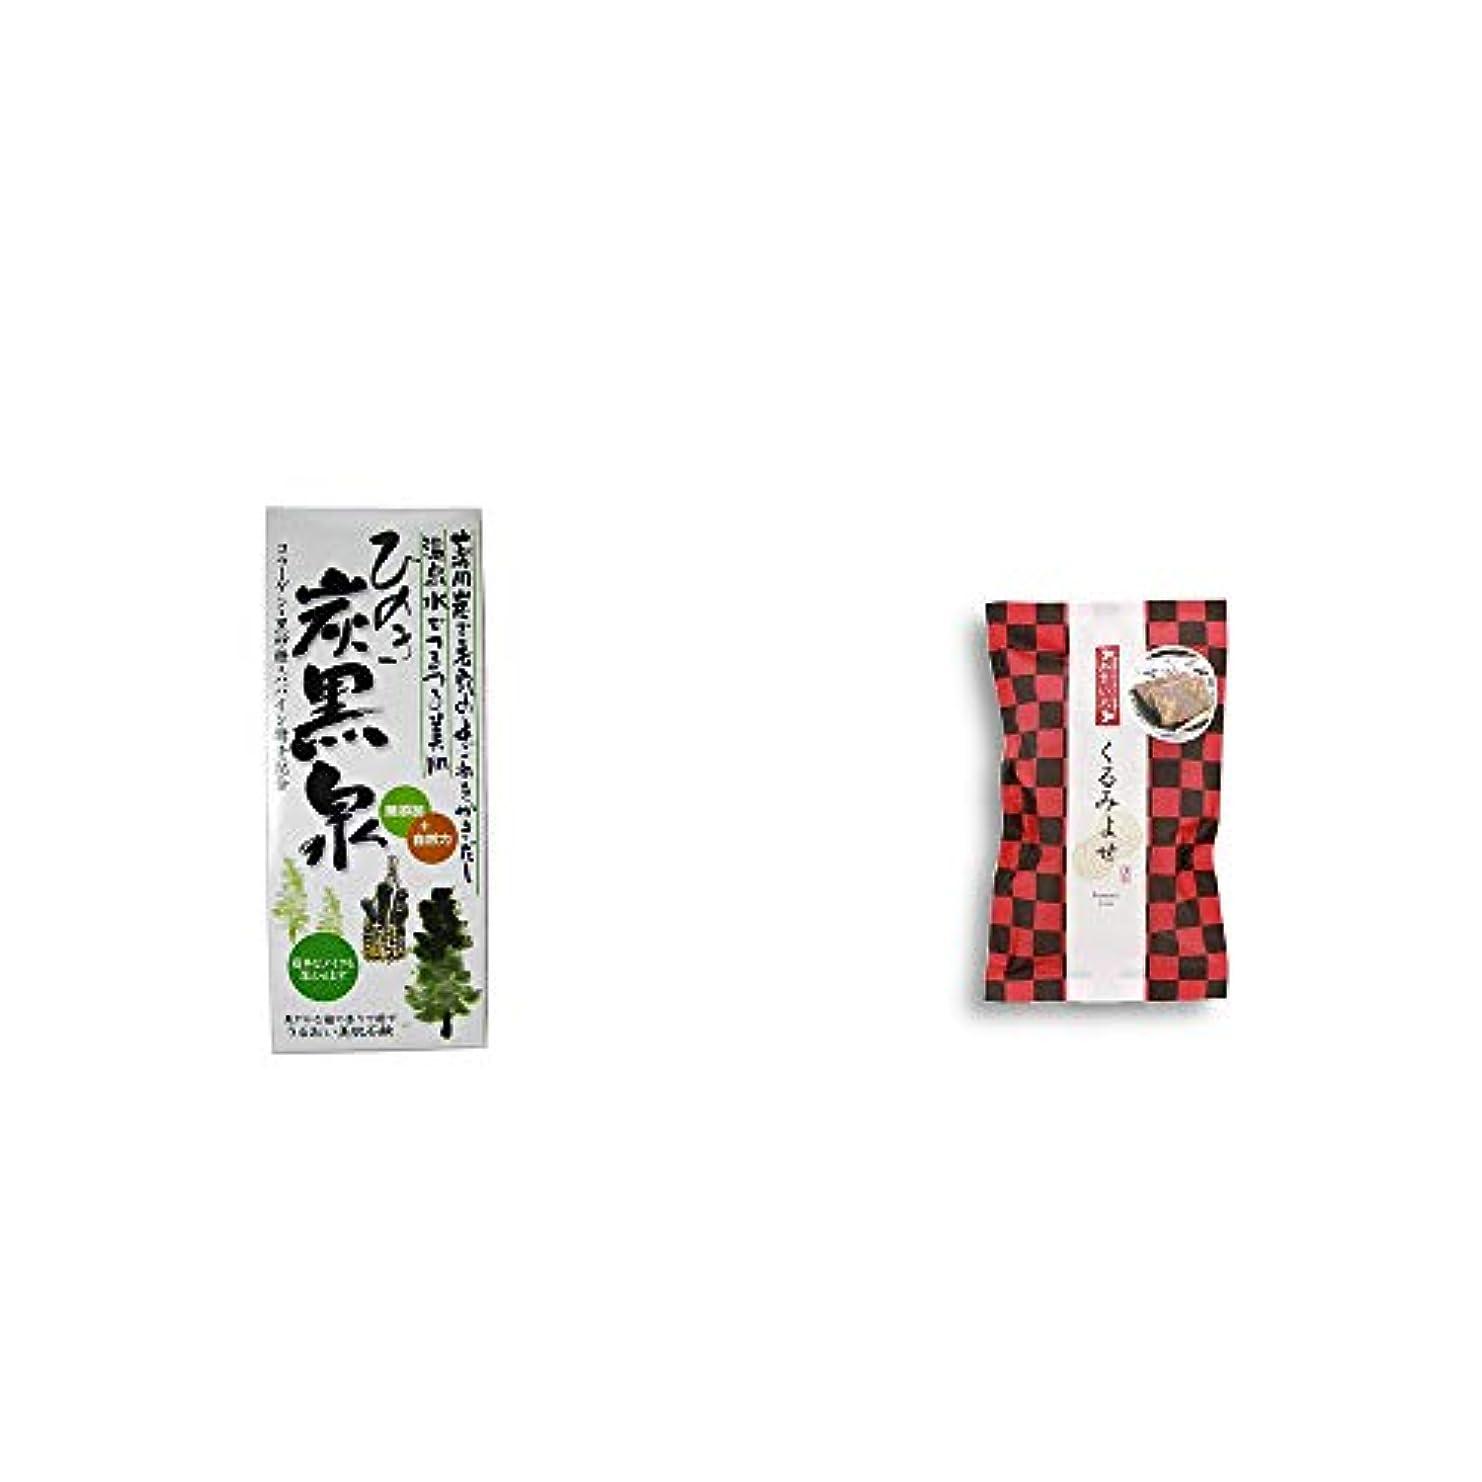 ブラジャーゼログラム[2点セット] ひのき炭黒泉 箱入り(75g×3)?くるみよせ(こし餡)(5個入)